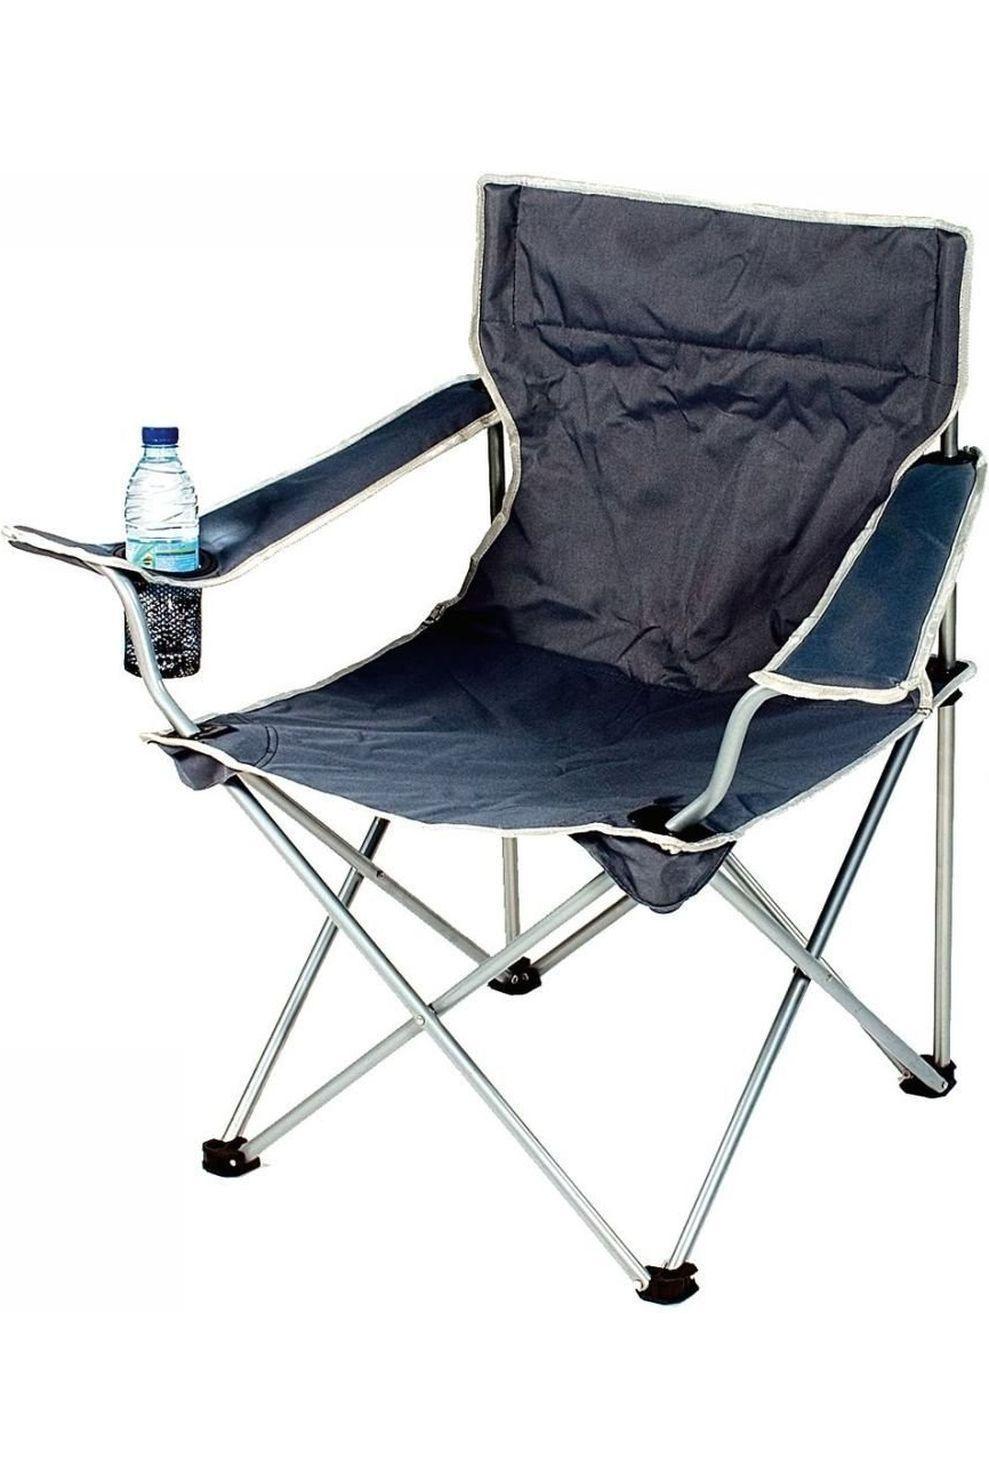 Transfilco Vouwstoel met armleuning - Grijs